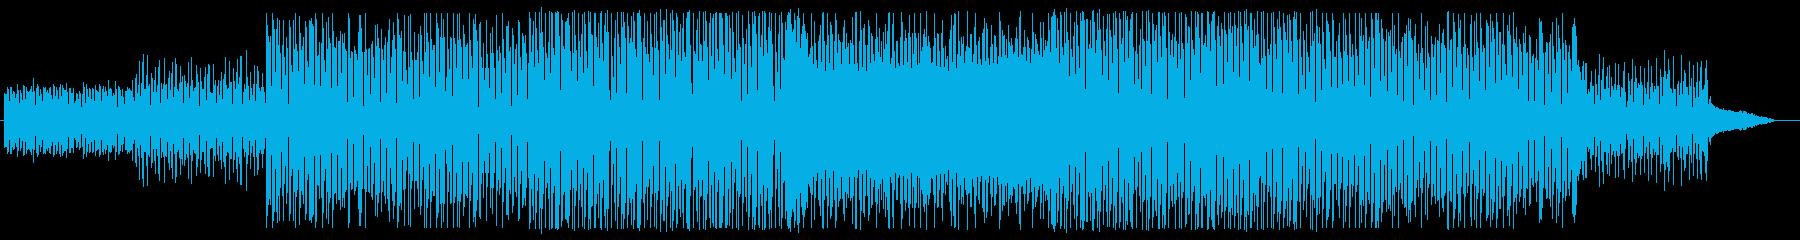 浮遊感のあるインストの再生済みの波形